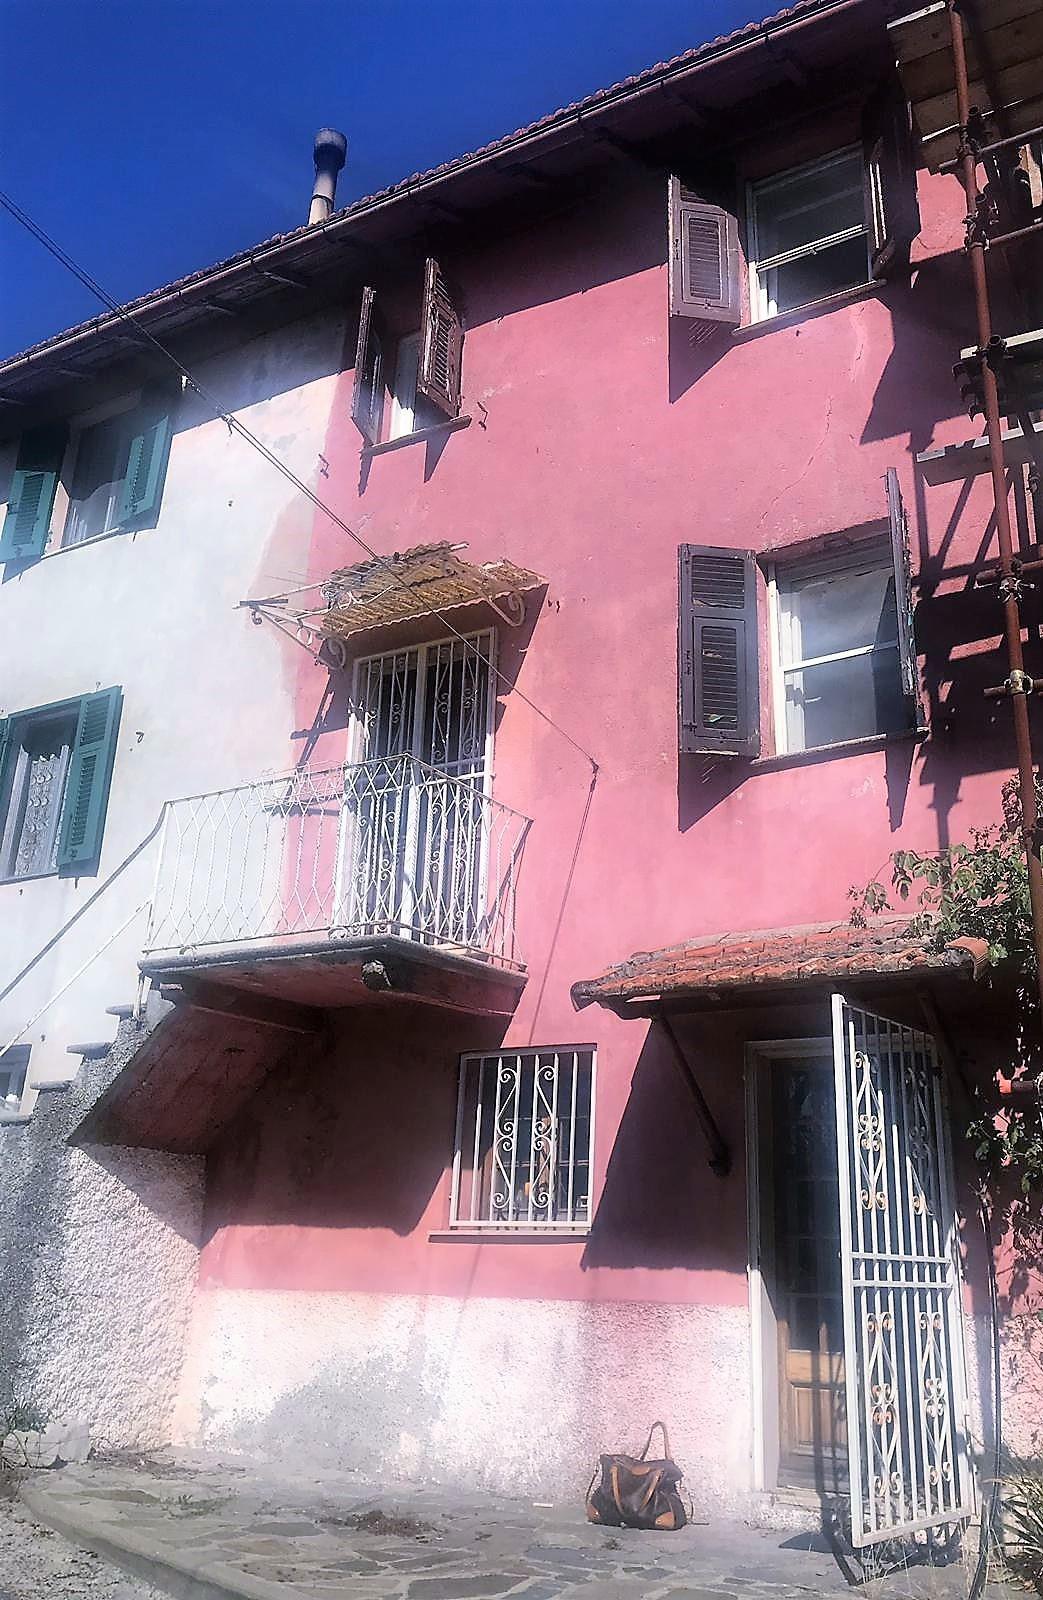 Codice 0090 case villa o casa semi indipendente in vendita a torriglia immobiliare il perimetro - Valutazione immobile casa it ...